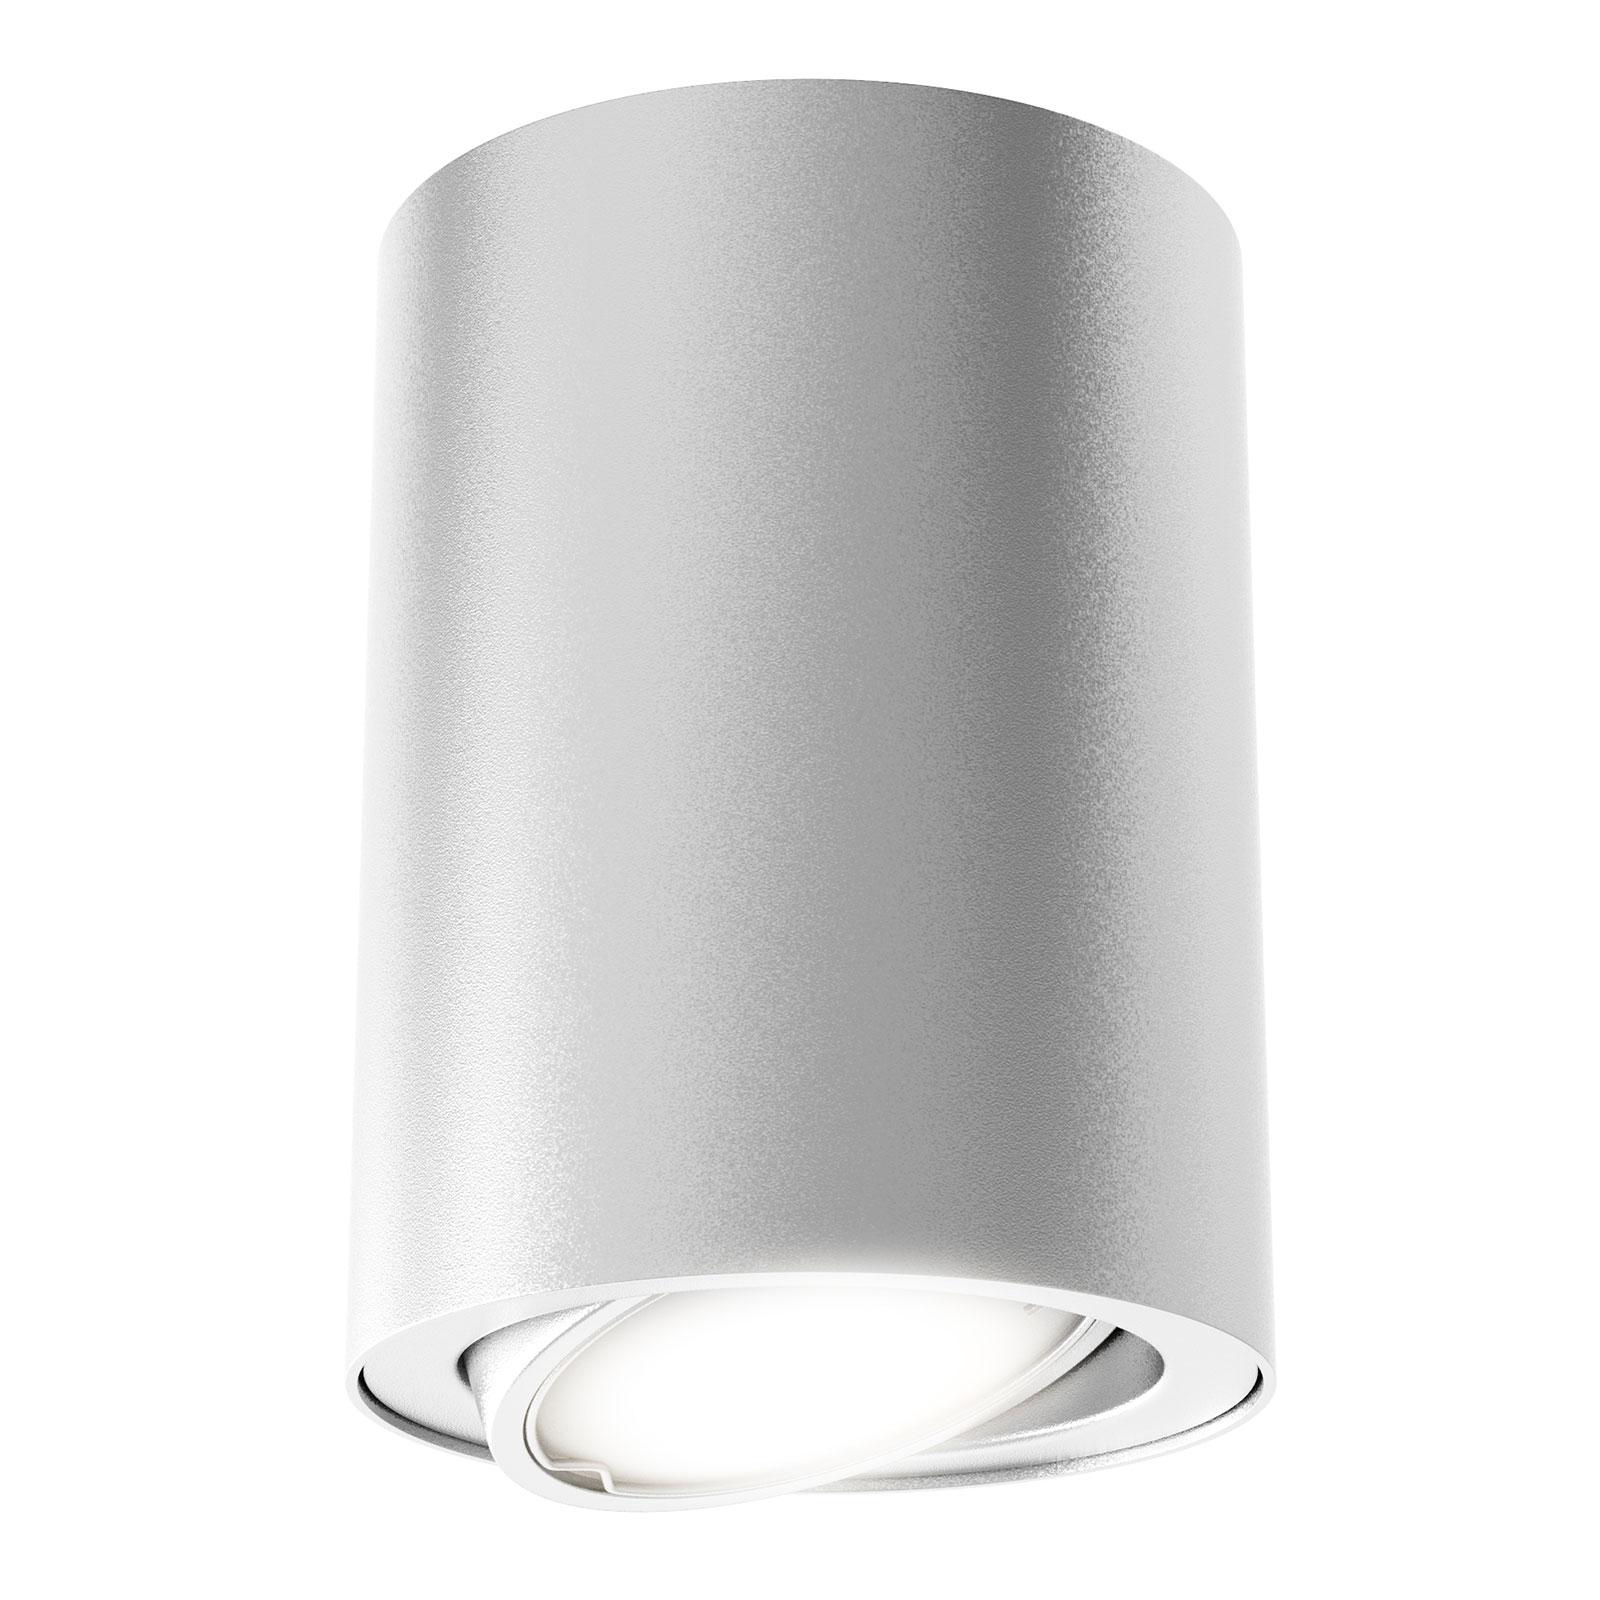 Lampa sufitowa LED 7119 z GU10 LED, srebrna